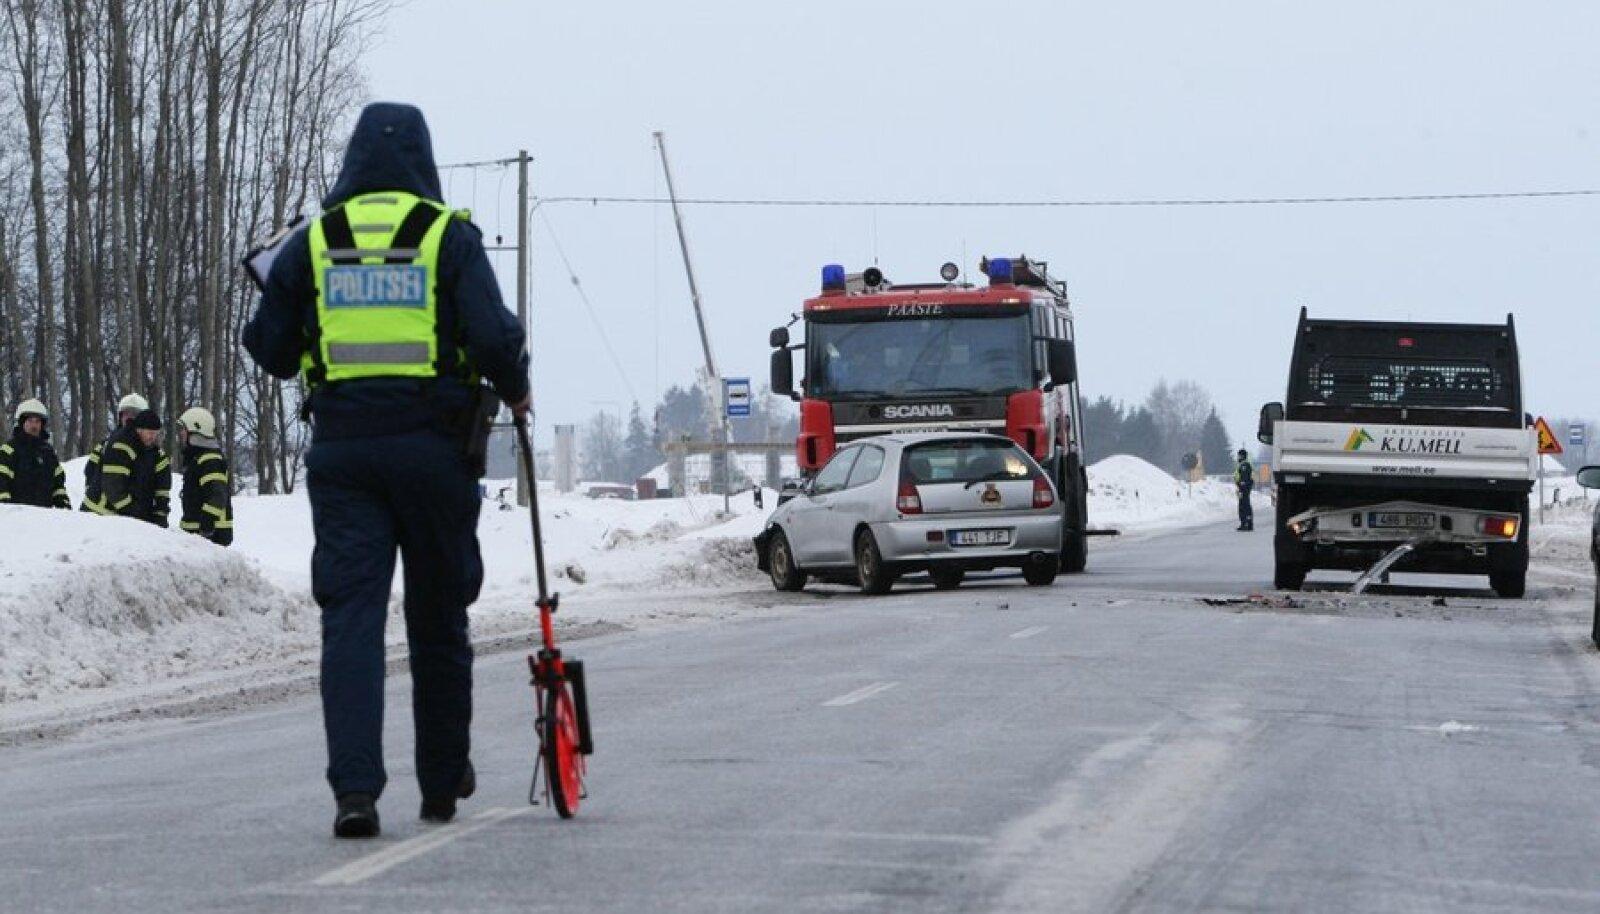 Liiklusõnnetus Kuivajõe-Kose teelõigul